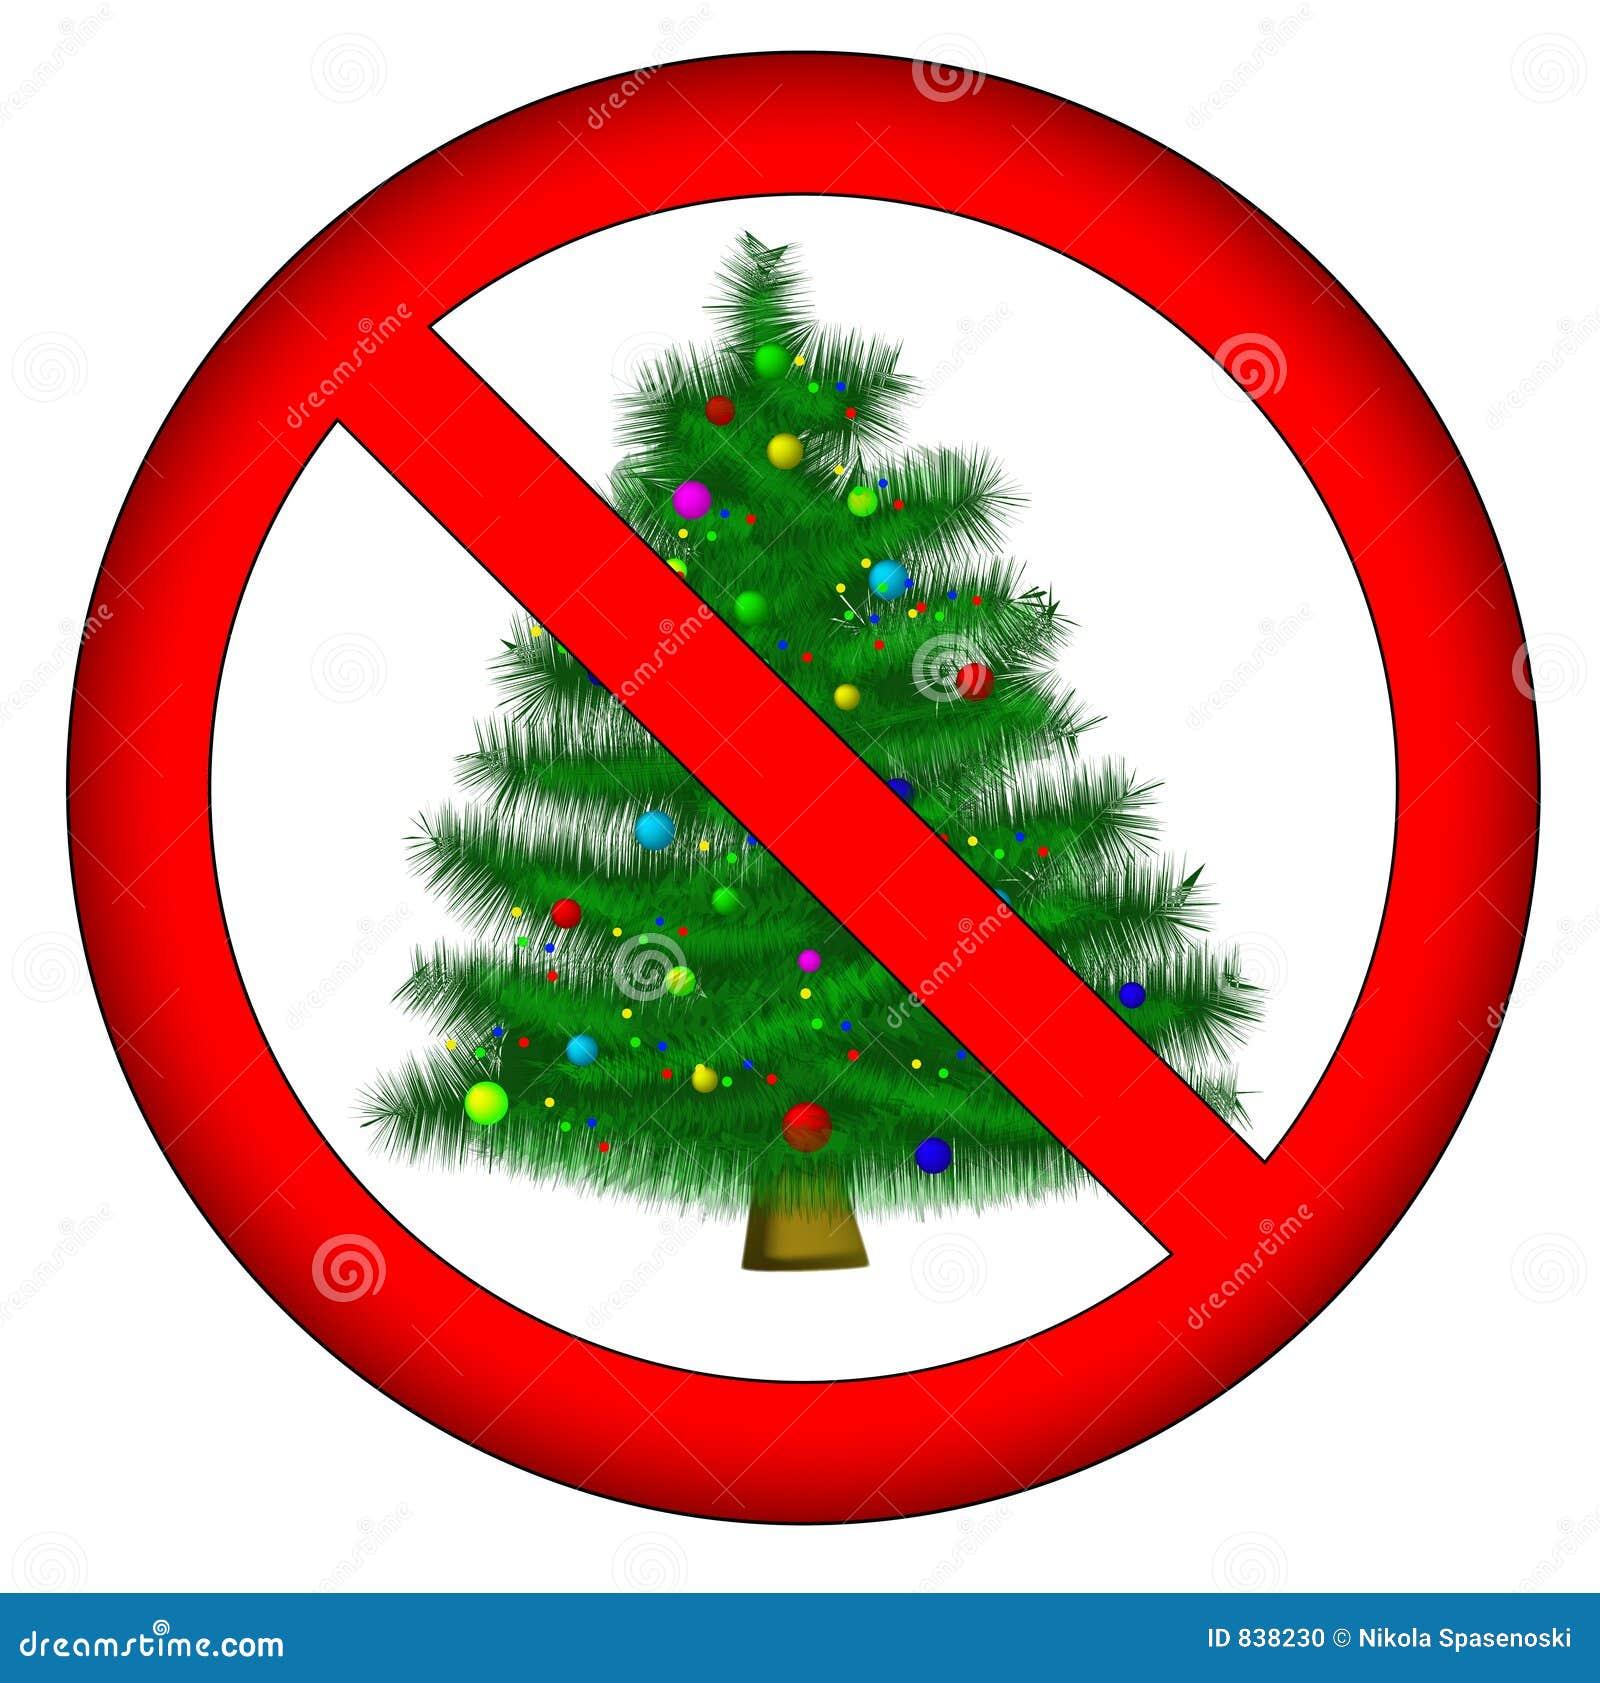 No christmas for you!